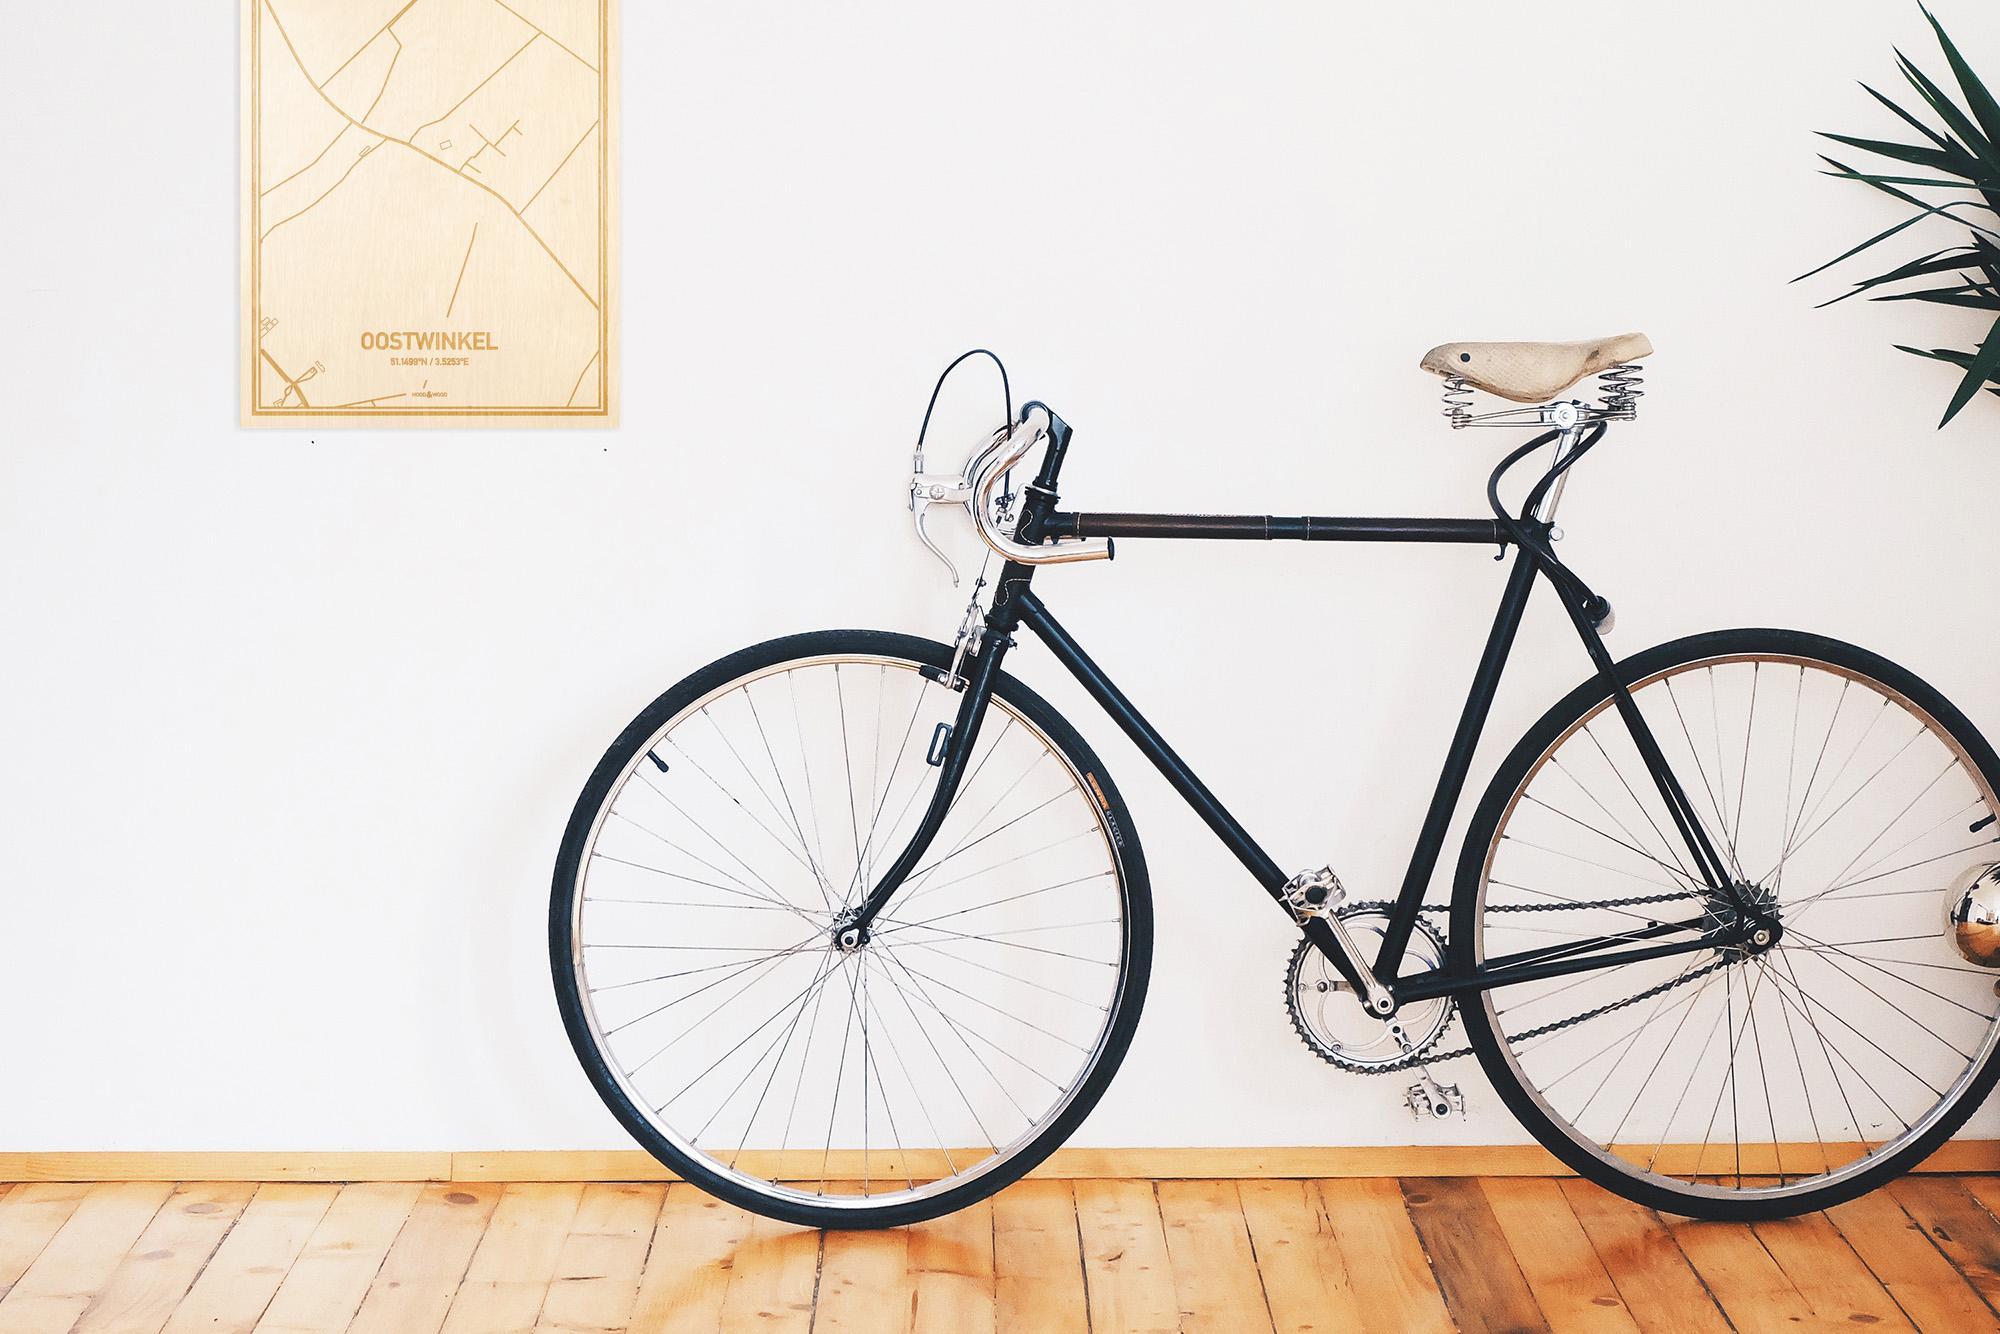 Een snelle fiets in een uniek interieur in Oost-Vlaanderen  met mooie decoratie zoals de plattegrond Oostwinkel.